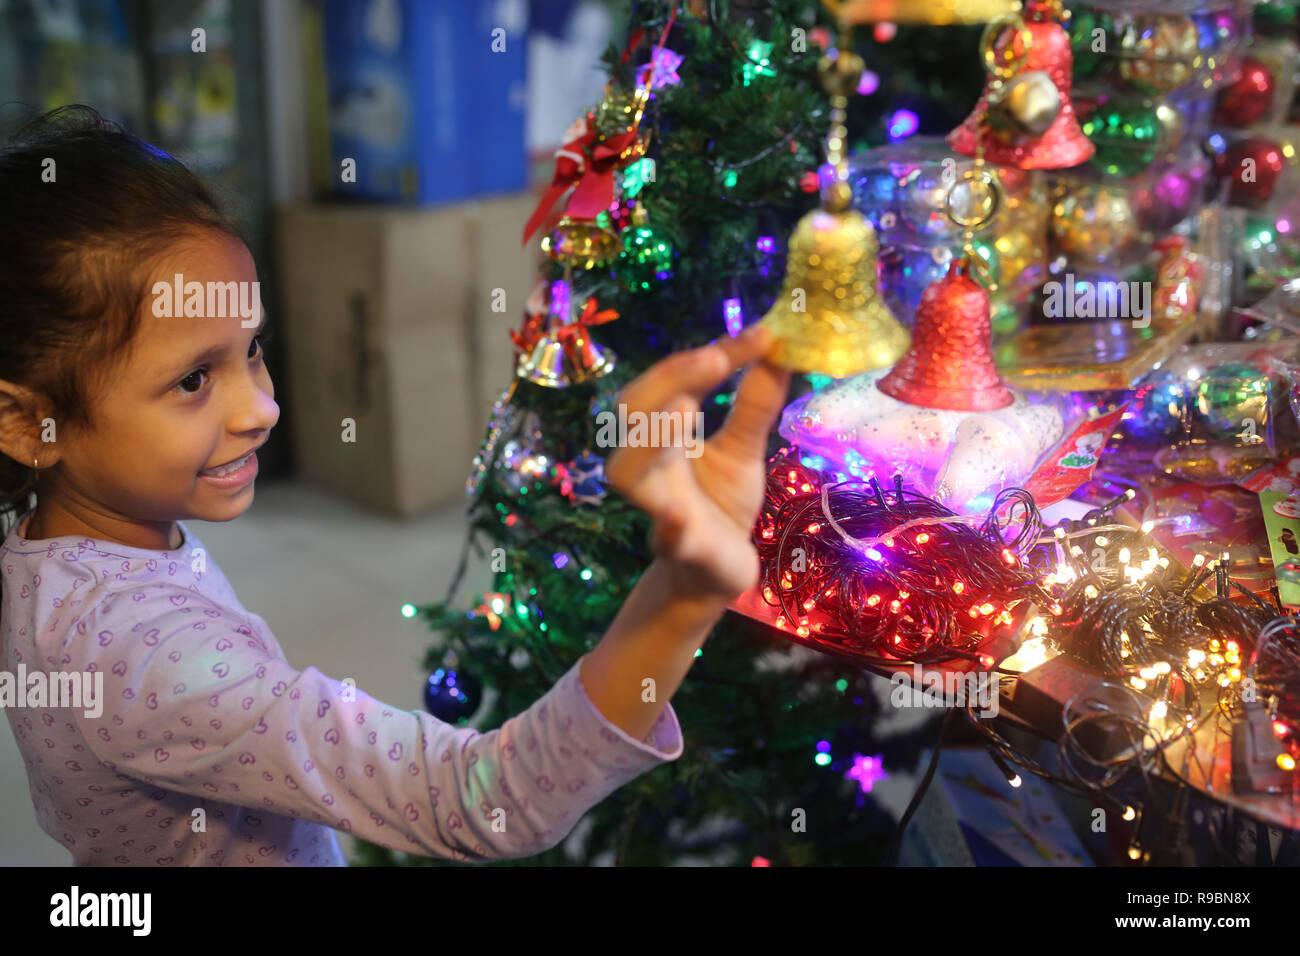 Girl Christmas Shopping in einem Geschäft vor Weihnachten Urlaub in Dhaka, Bangladesch am 20. Dezember 2018 gesehen. Stockbild